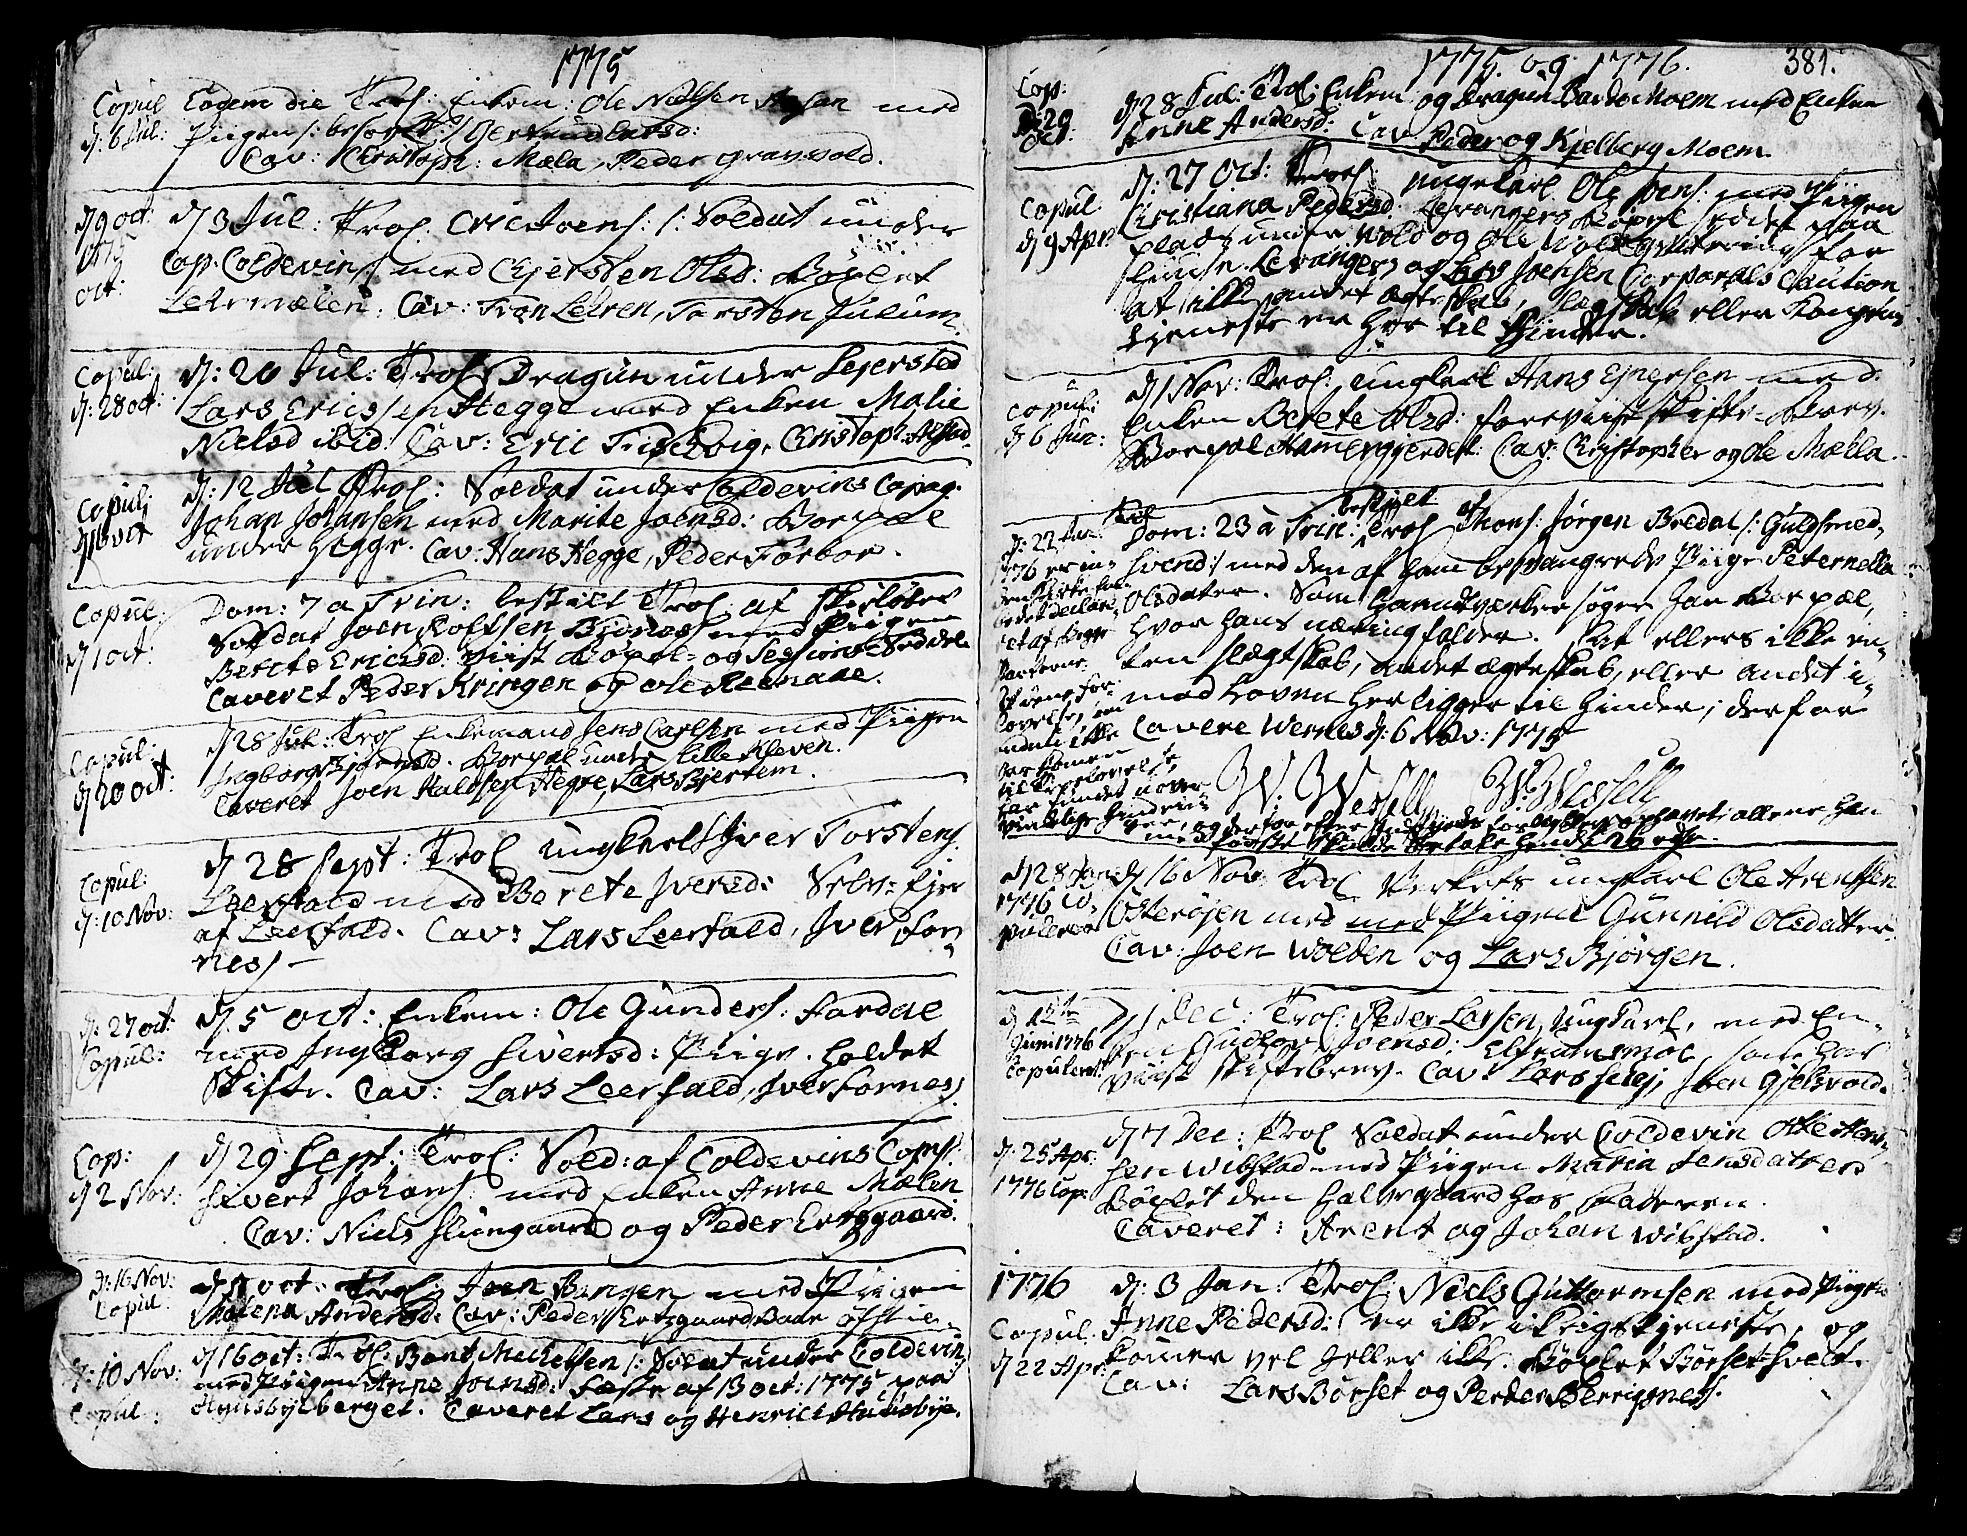 SAT, Ministerialprotokoller, klokkerbøker og fødselsregistre - Nord-Trøndelag, 709/L0057: Ministerialbok nr. 709A05, 1755-1780, s. 381